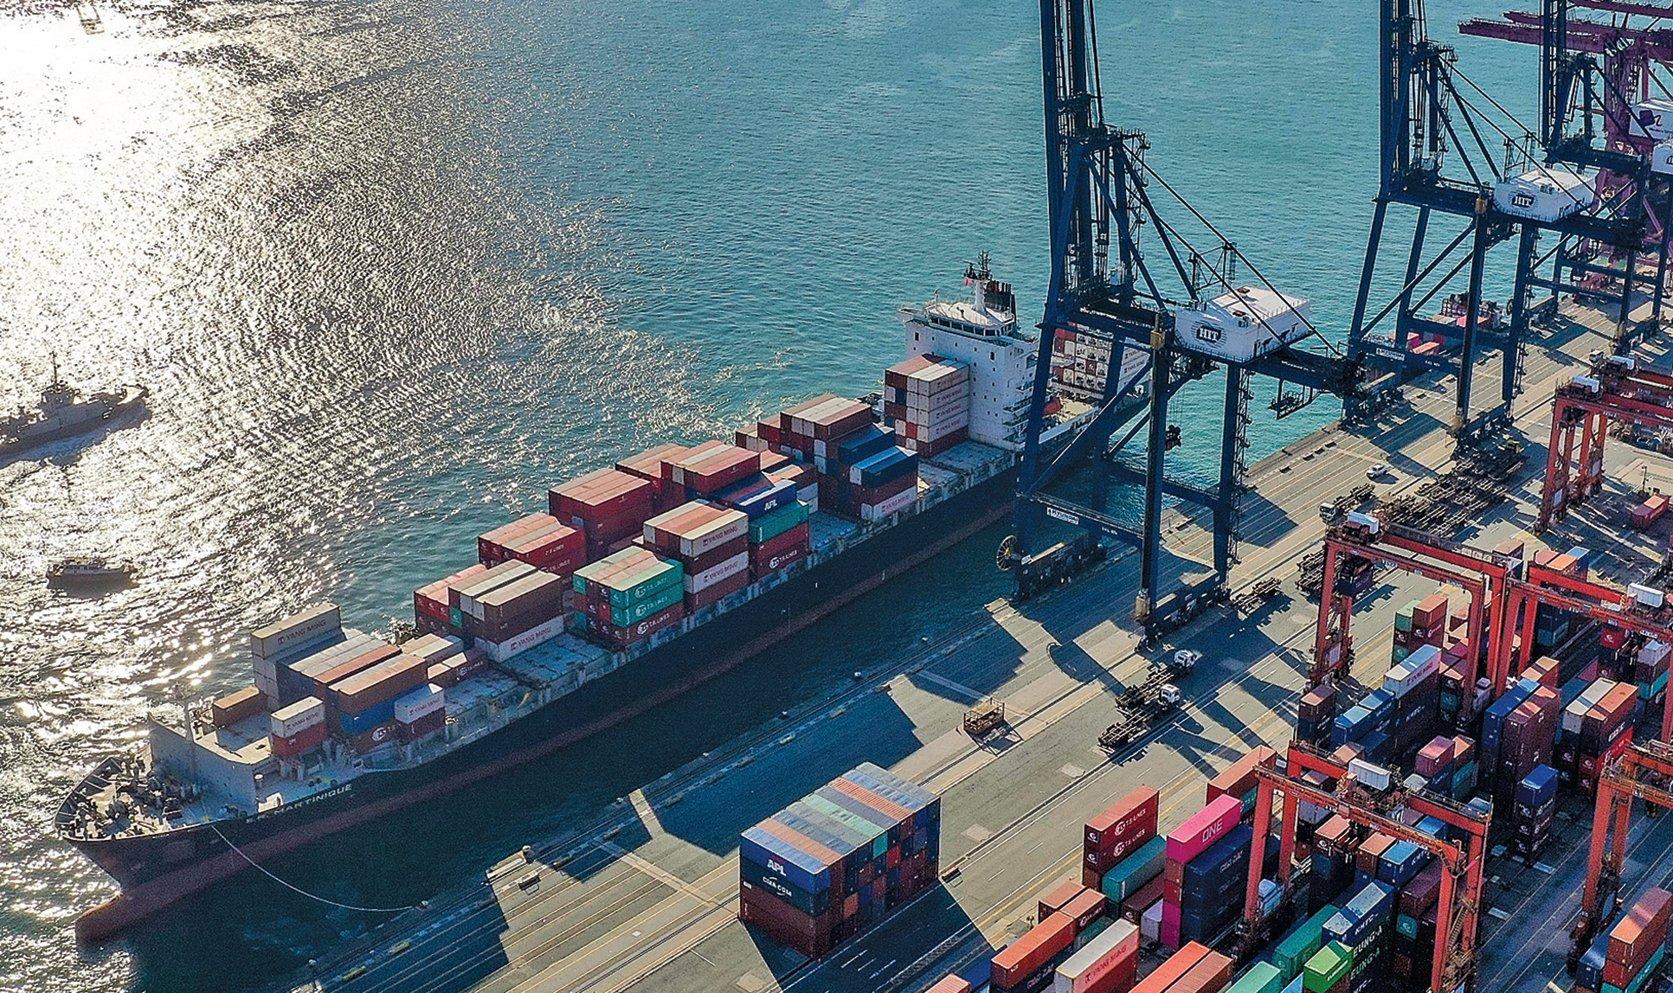 自今年9月25日起,美國將要求香港出口至美國的「香港製造(Made In Hong Kong)」商品須貼上「中國製造」(Made in China)的標籤。圖為停泊香港的貨櫃船。(大紀元資料室)